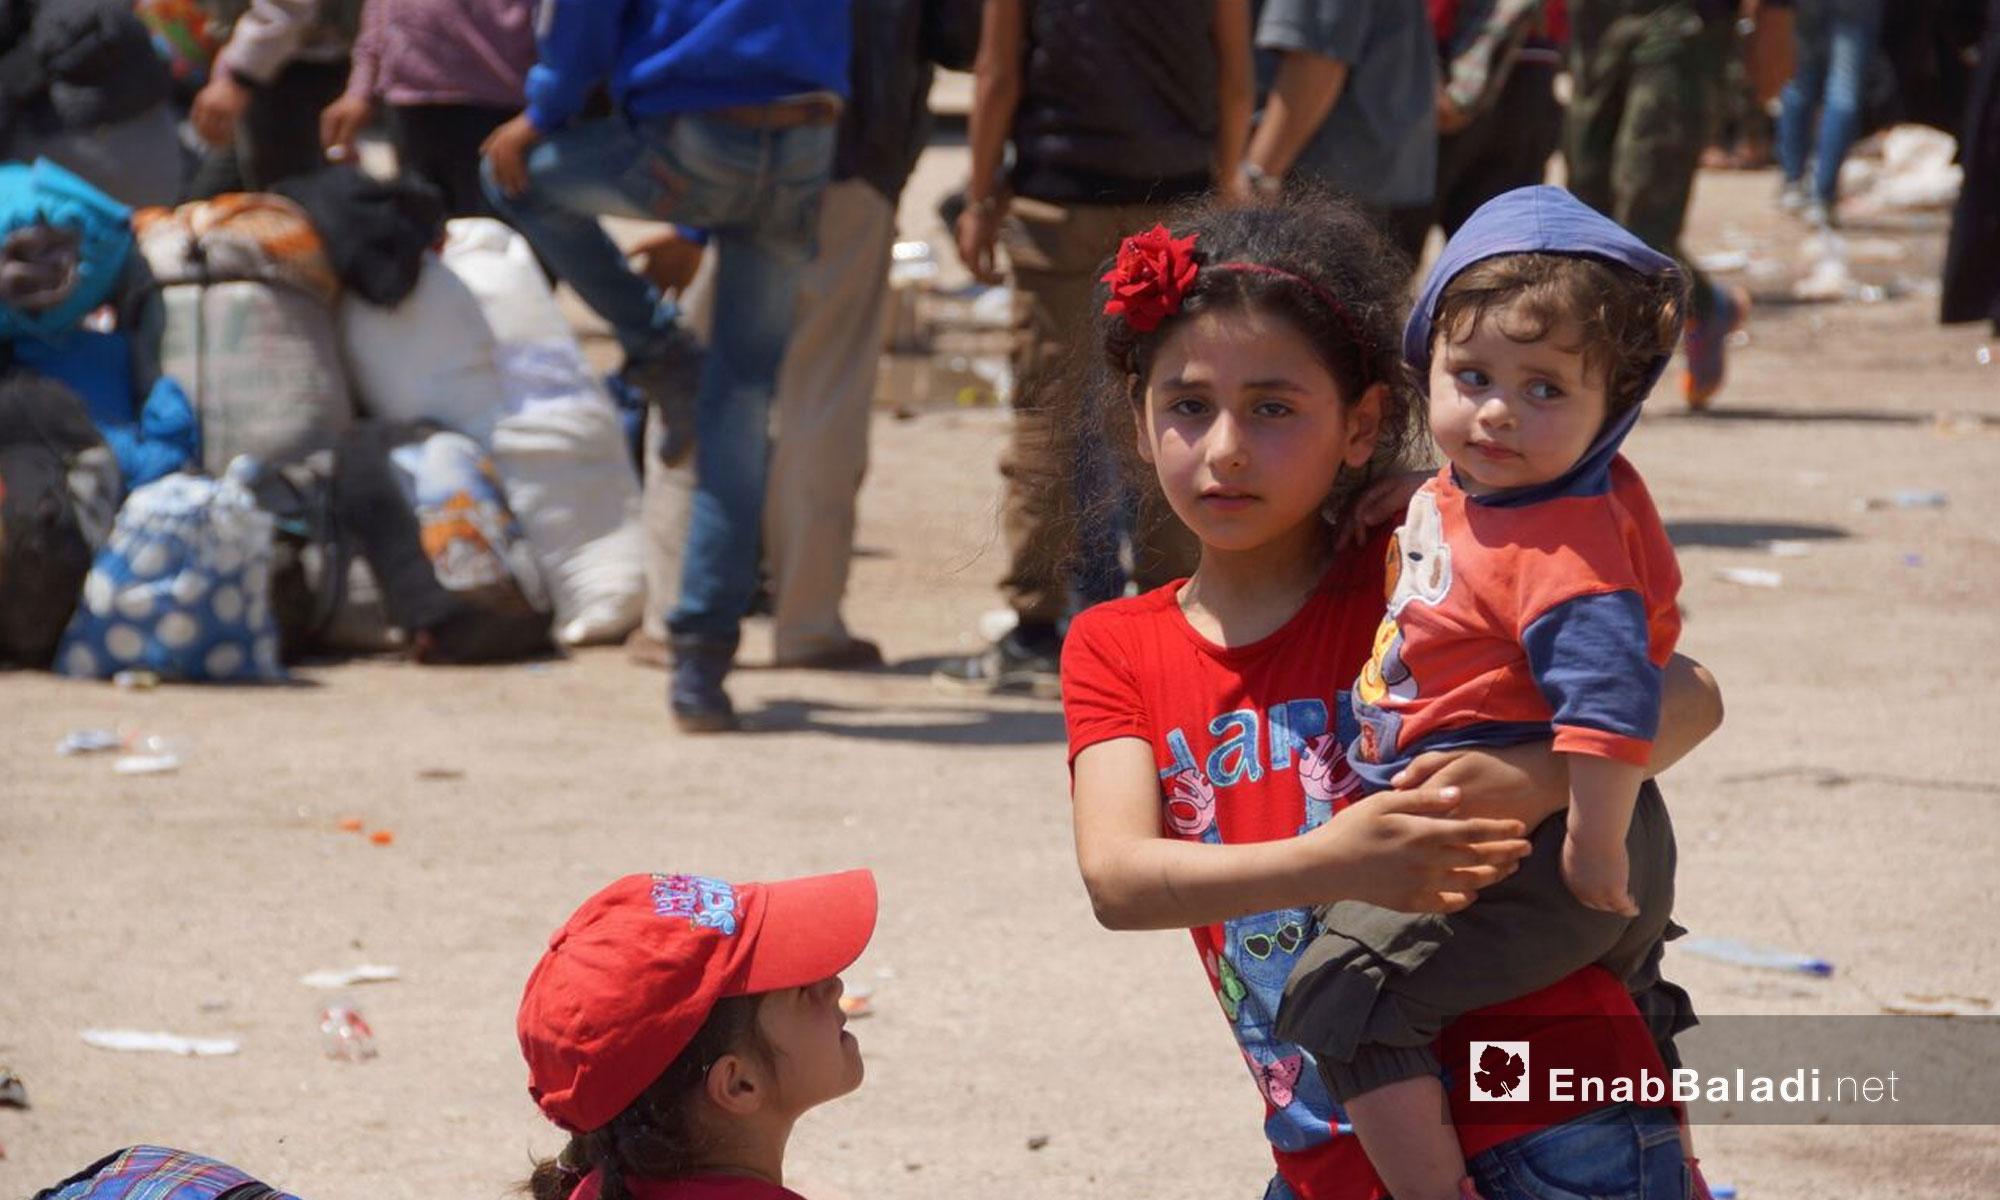 أطفال من مهجري ريف حمص لحظة وصولهم إلى قلعة المضيق في ريف حماة - 10 أيار 2018 (عنب بلدي)